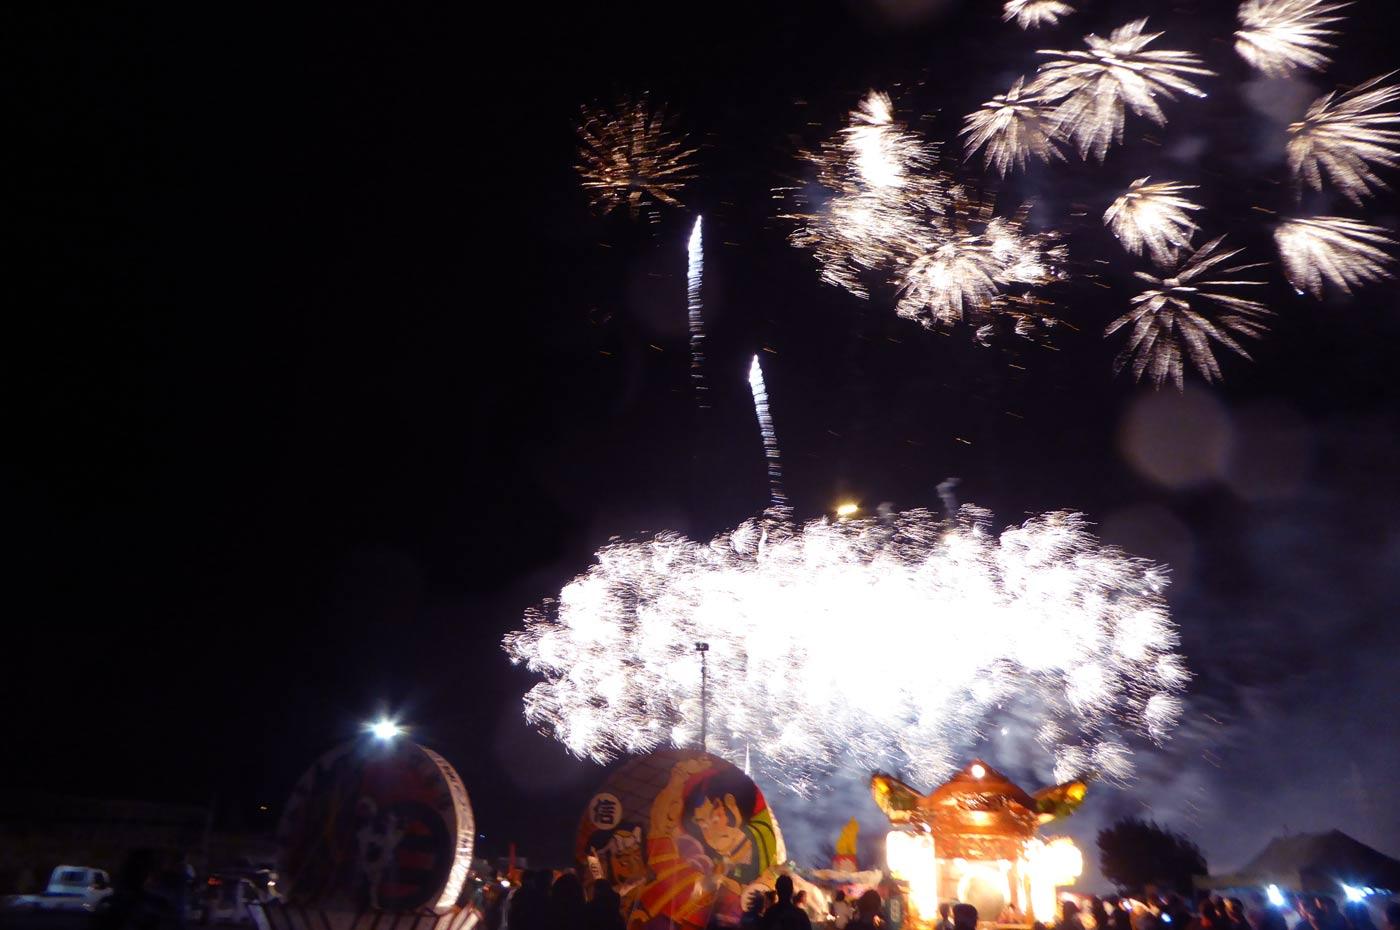 みよしの夜祭りの打ち上げ花火の画像